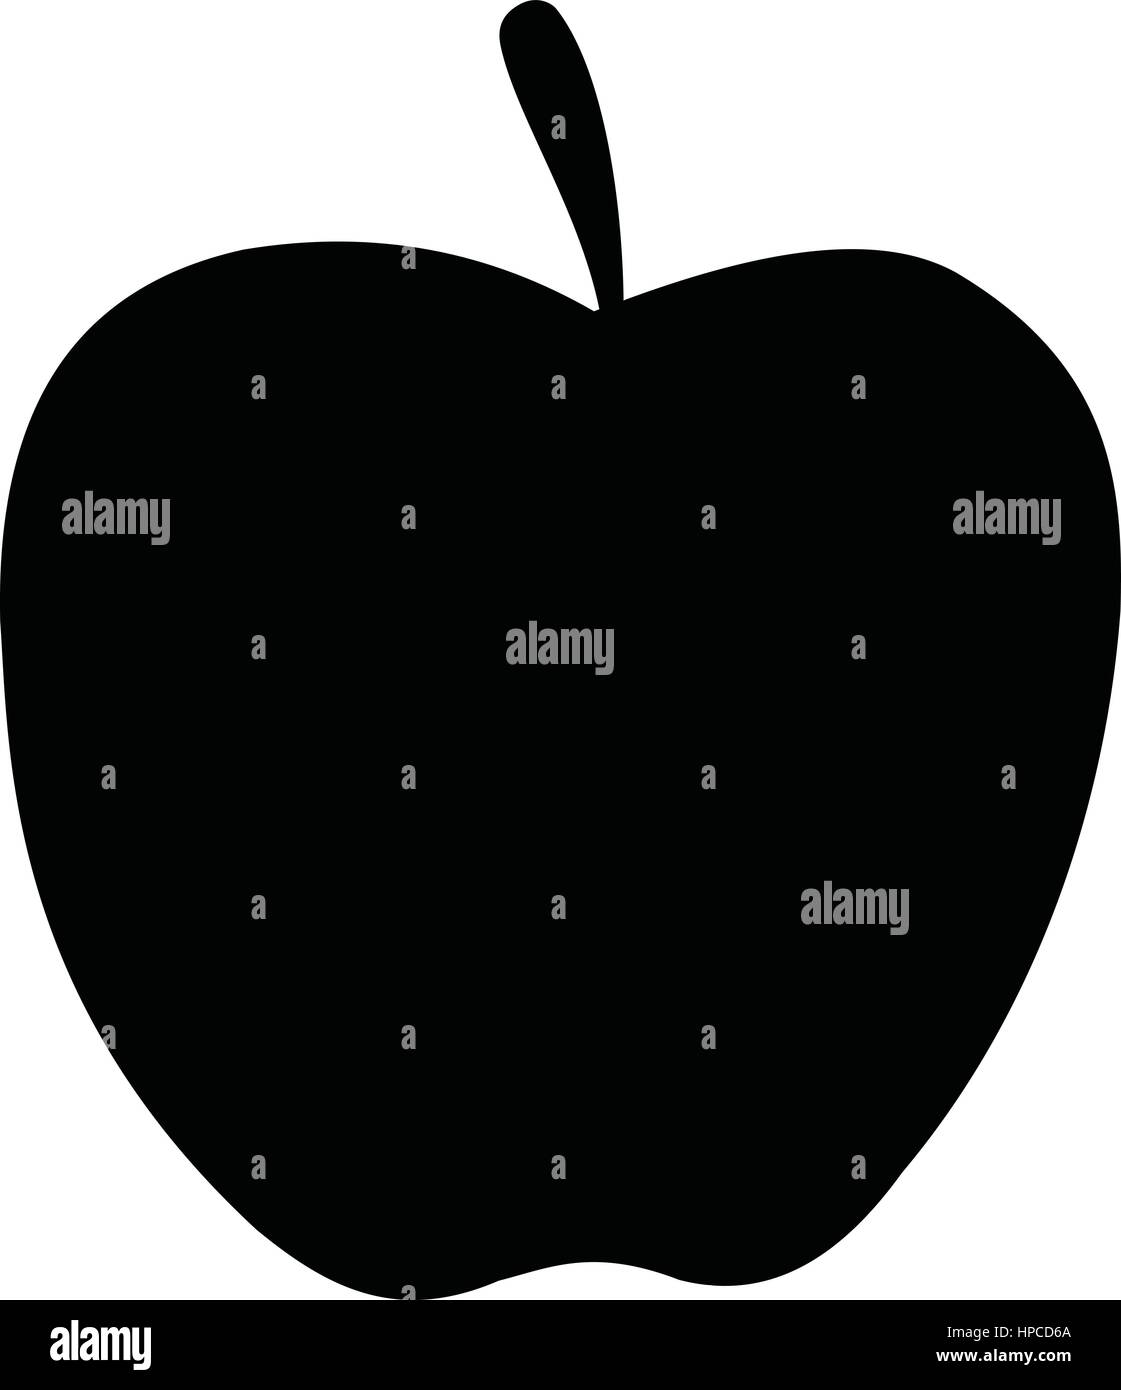 Uma silhueta em preto e branco de um apple ilustrao do vetor uma silhueta em preto e branco de um apple altavistaventures Choice Image